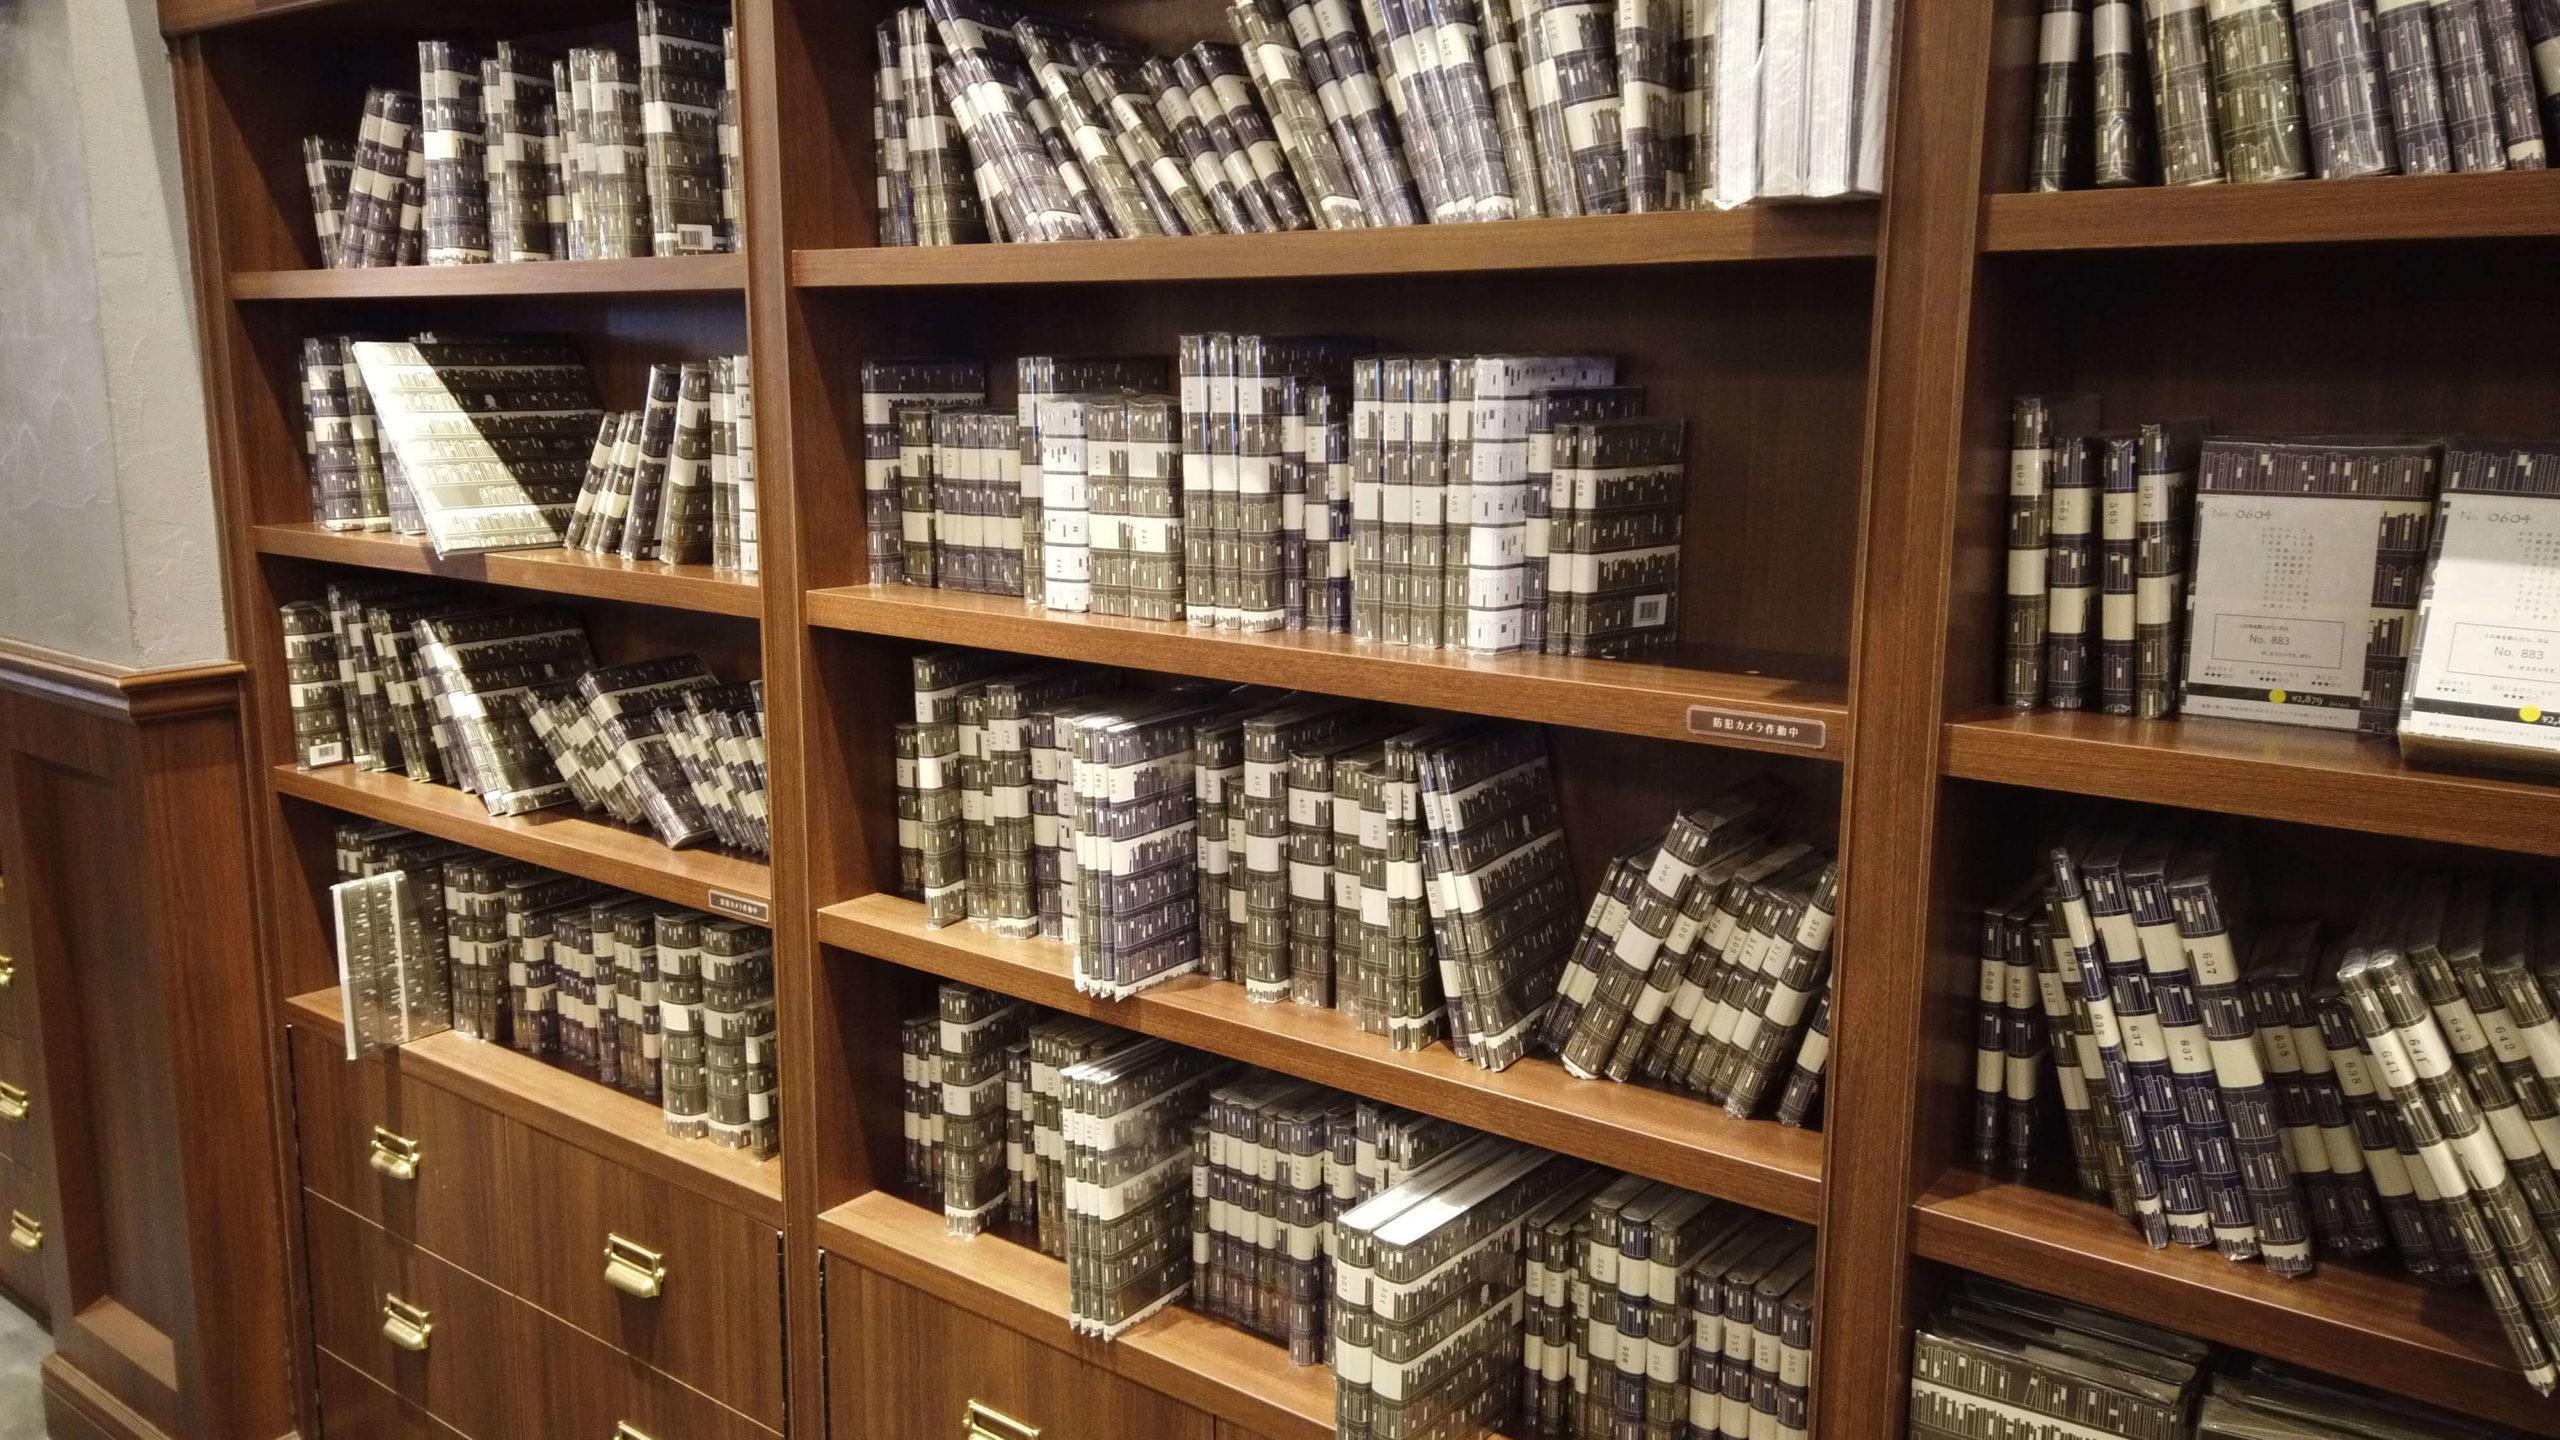 カバーがかかった本が並んでいる本棚